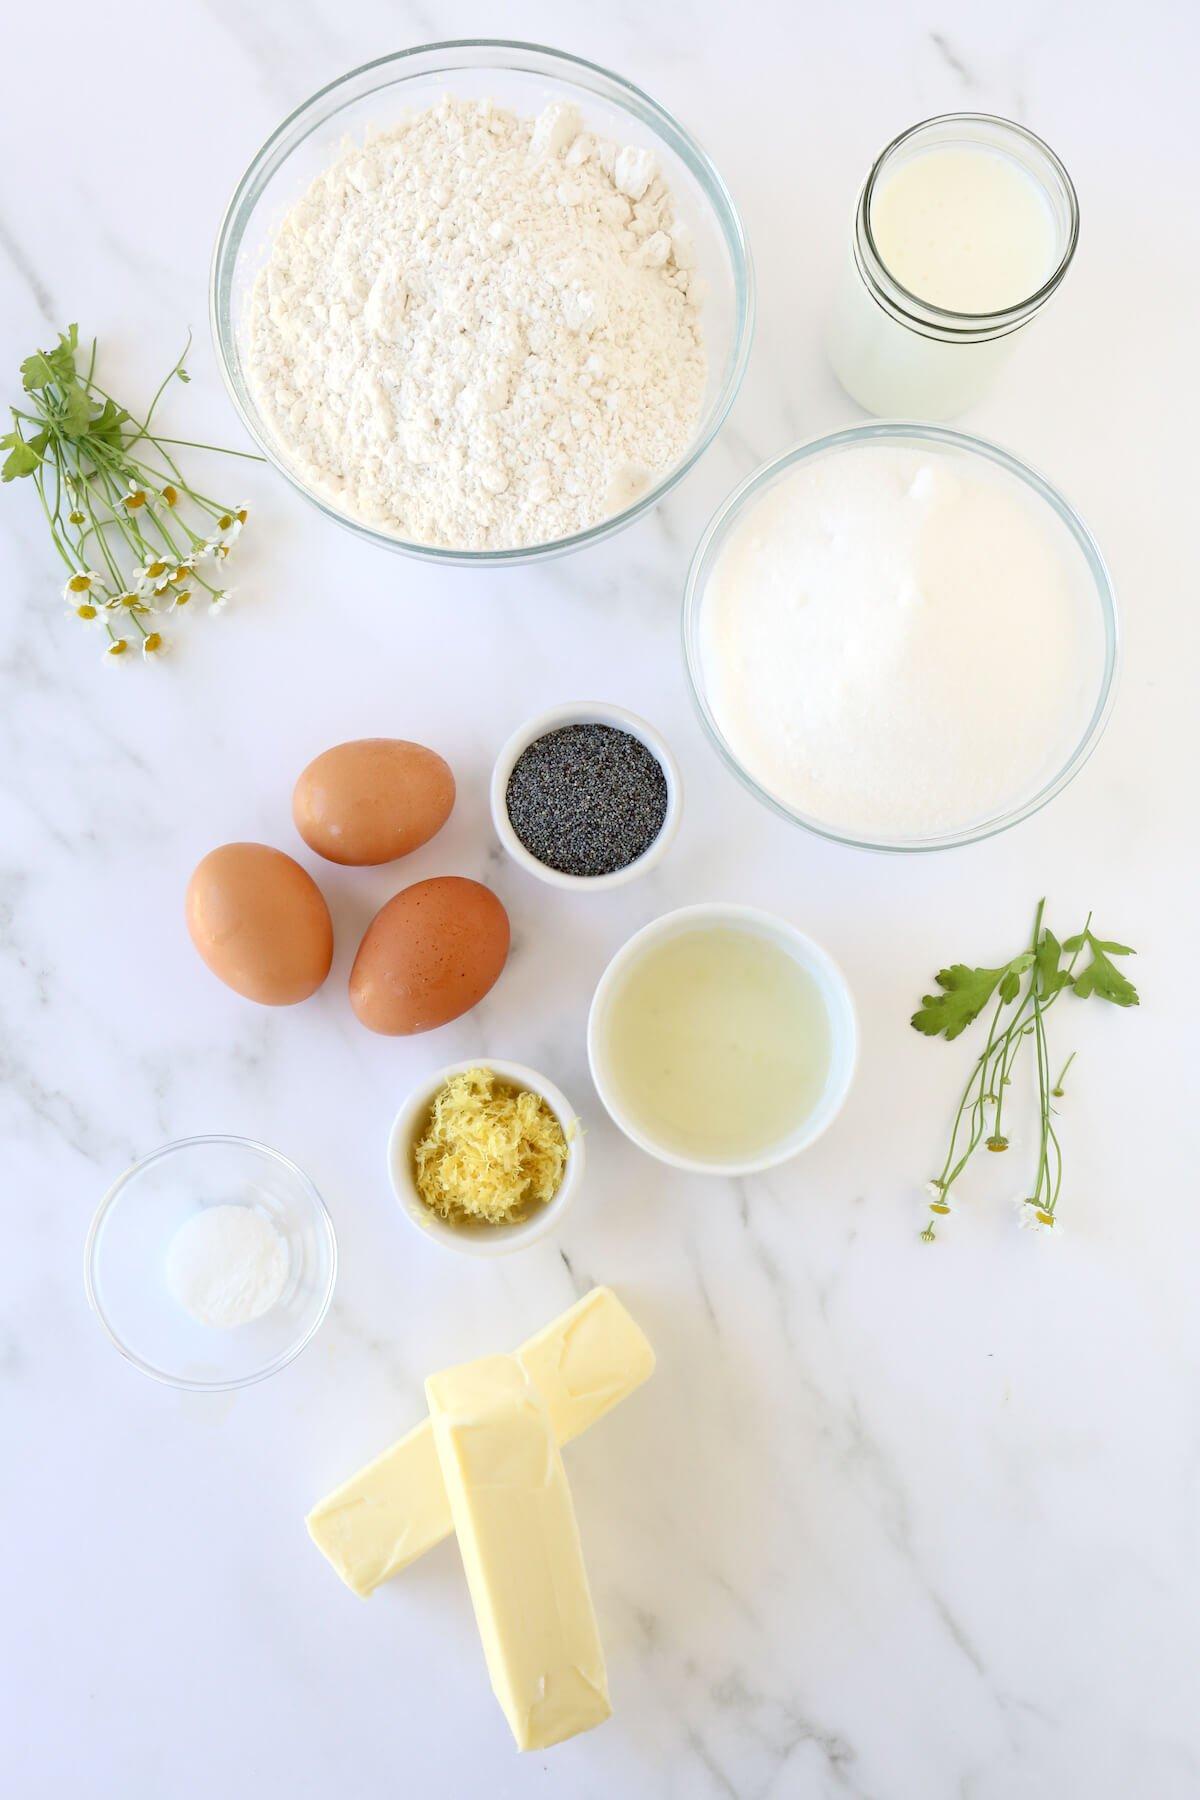 Bowls of flour, sugar, poppy seeds, lemon juice, lemon zest, eggs and butter.